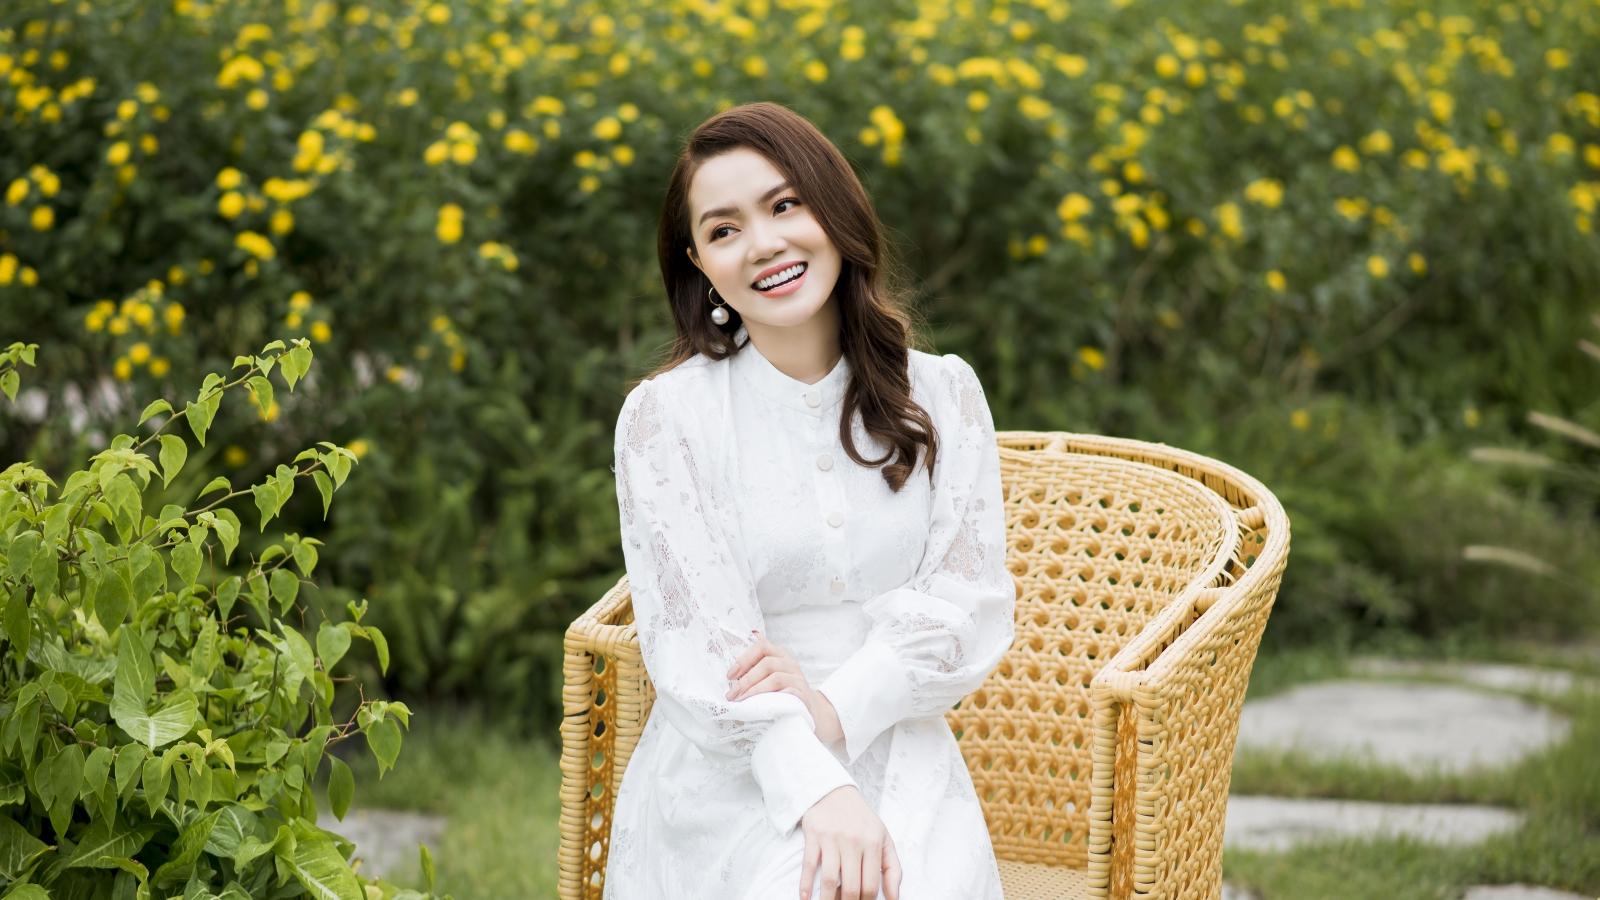 """Nguyễn Ngọc Anh: """"Bạn đời giúp mình bế con, thay tã... còn hơn vạn bông hoa"""""""